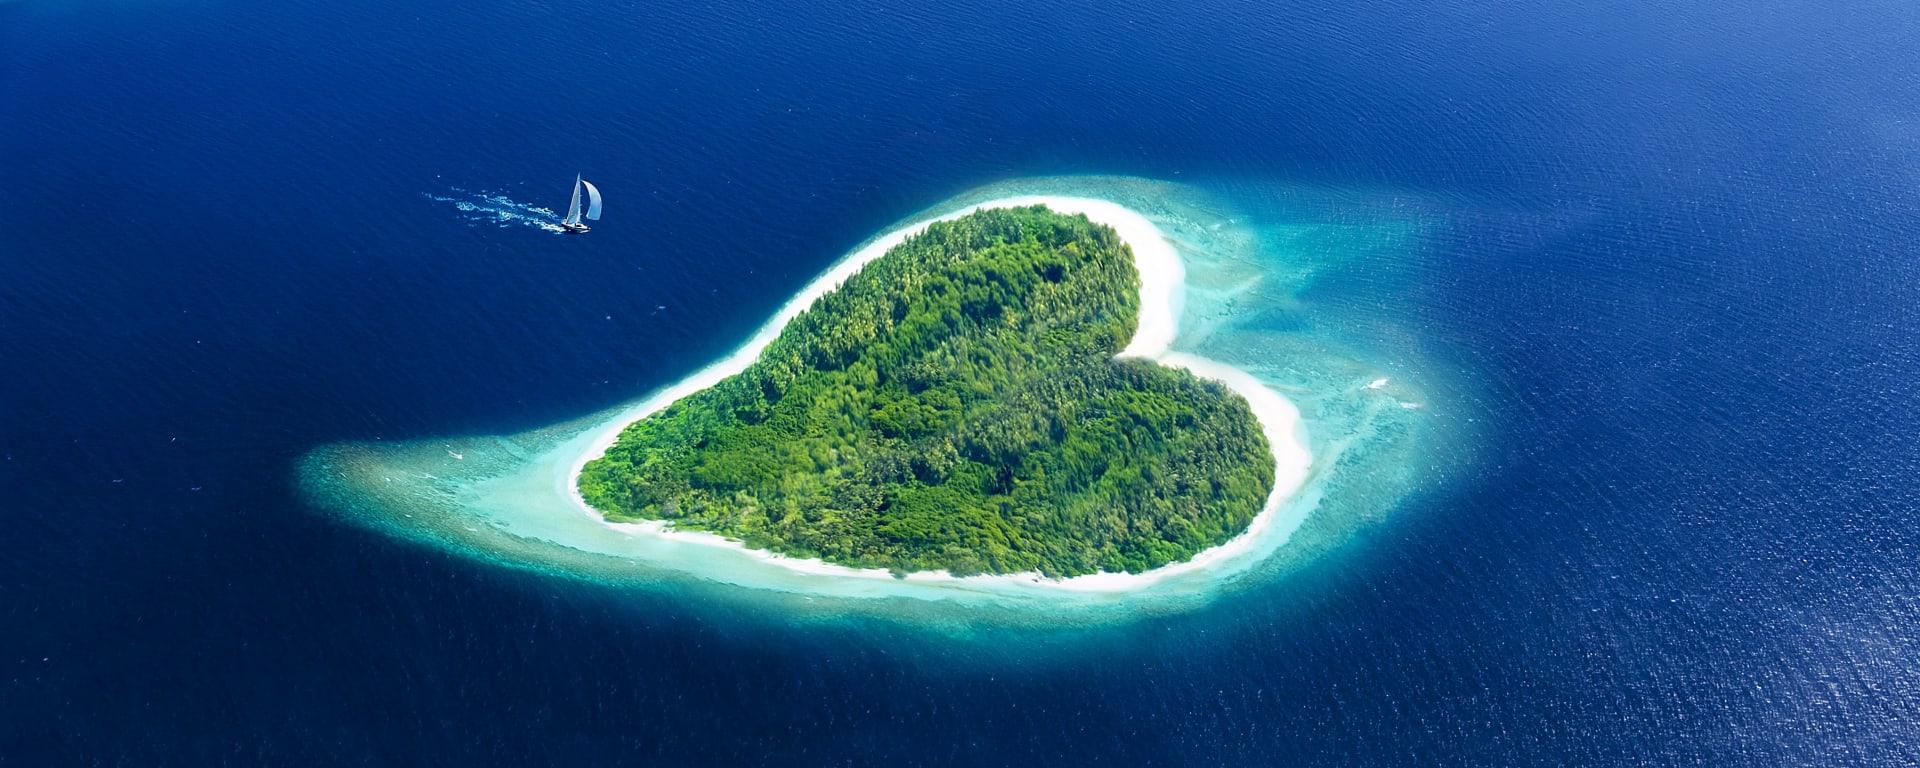 Malediven entdecken mit Tischler Reisen: Malediven Insel Herzform